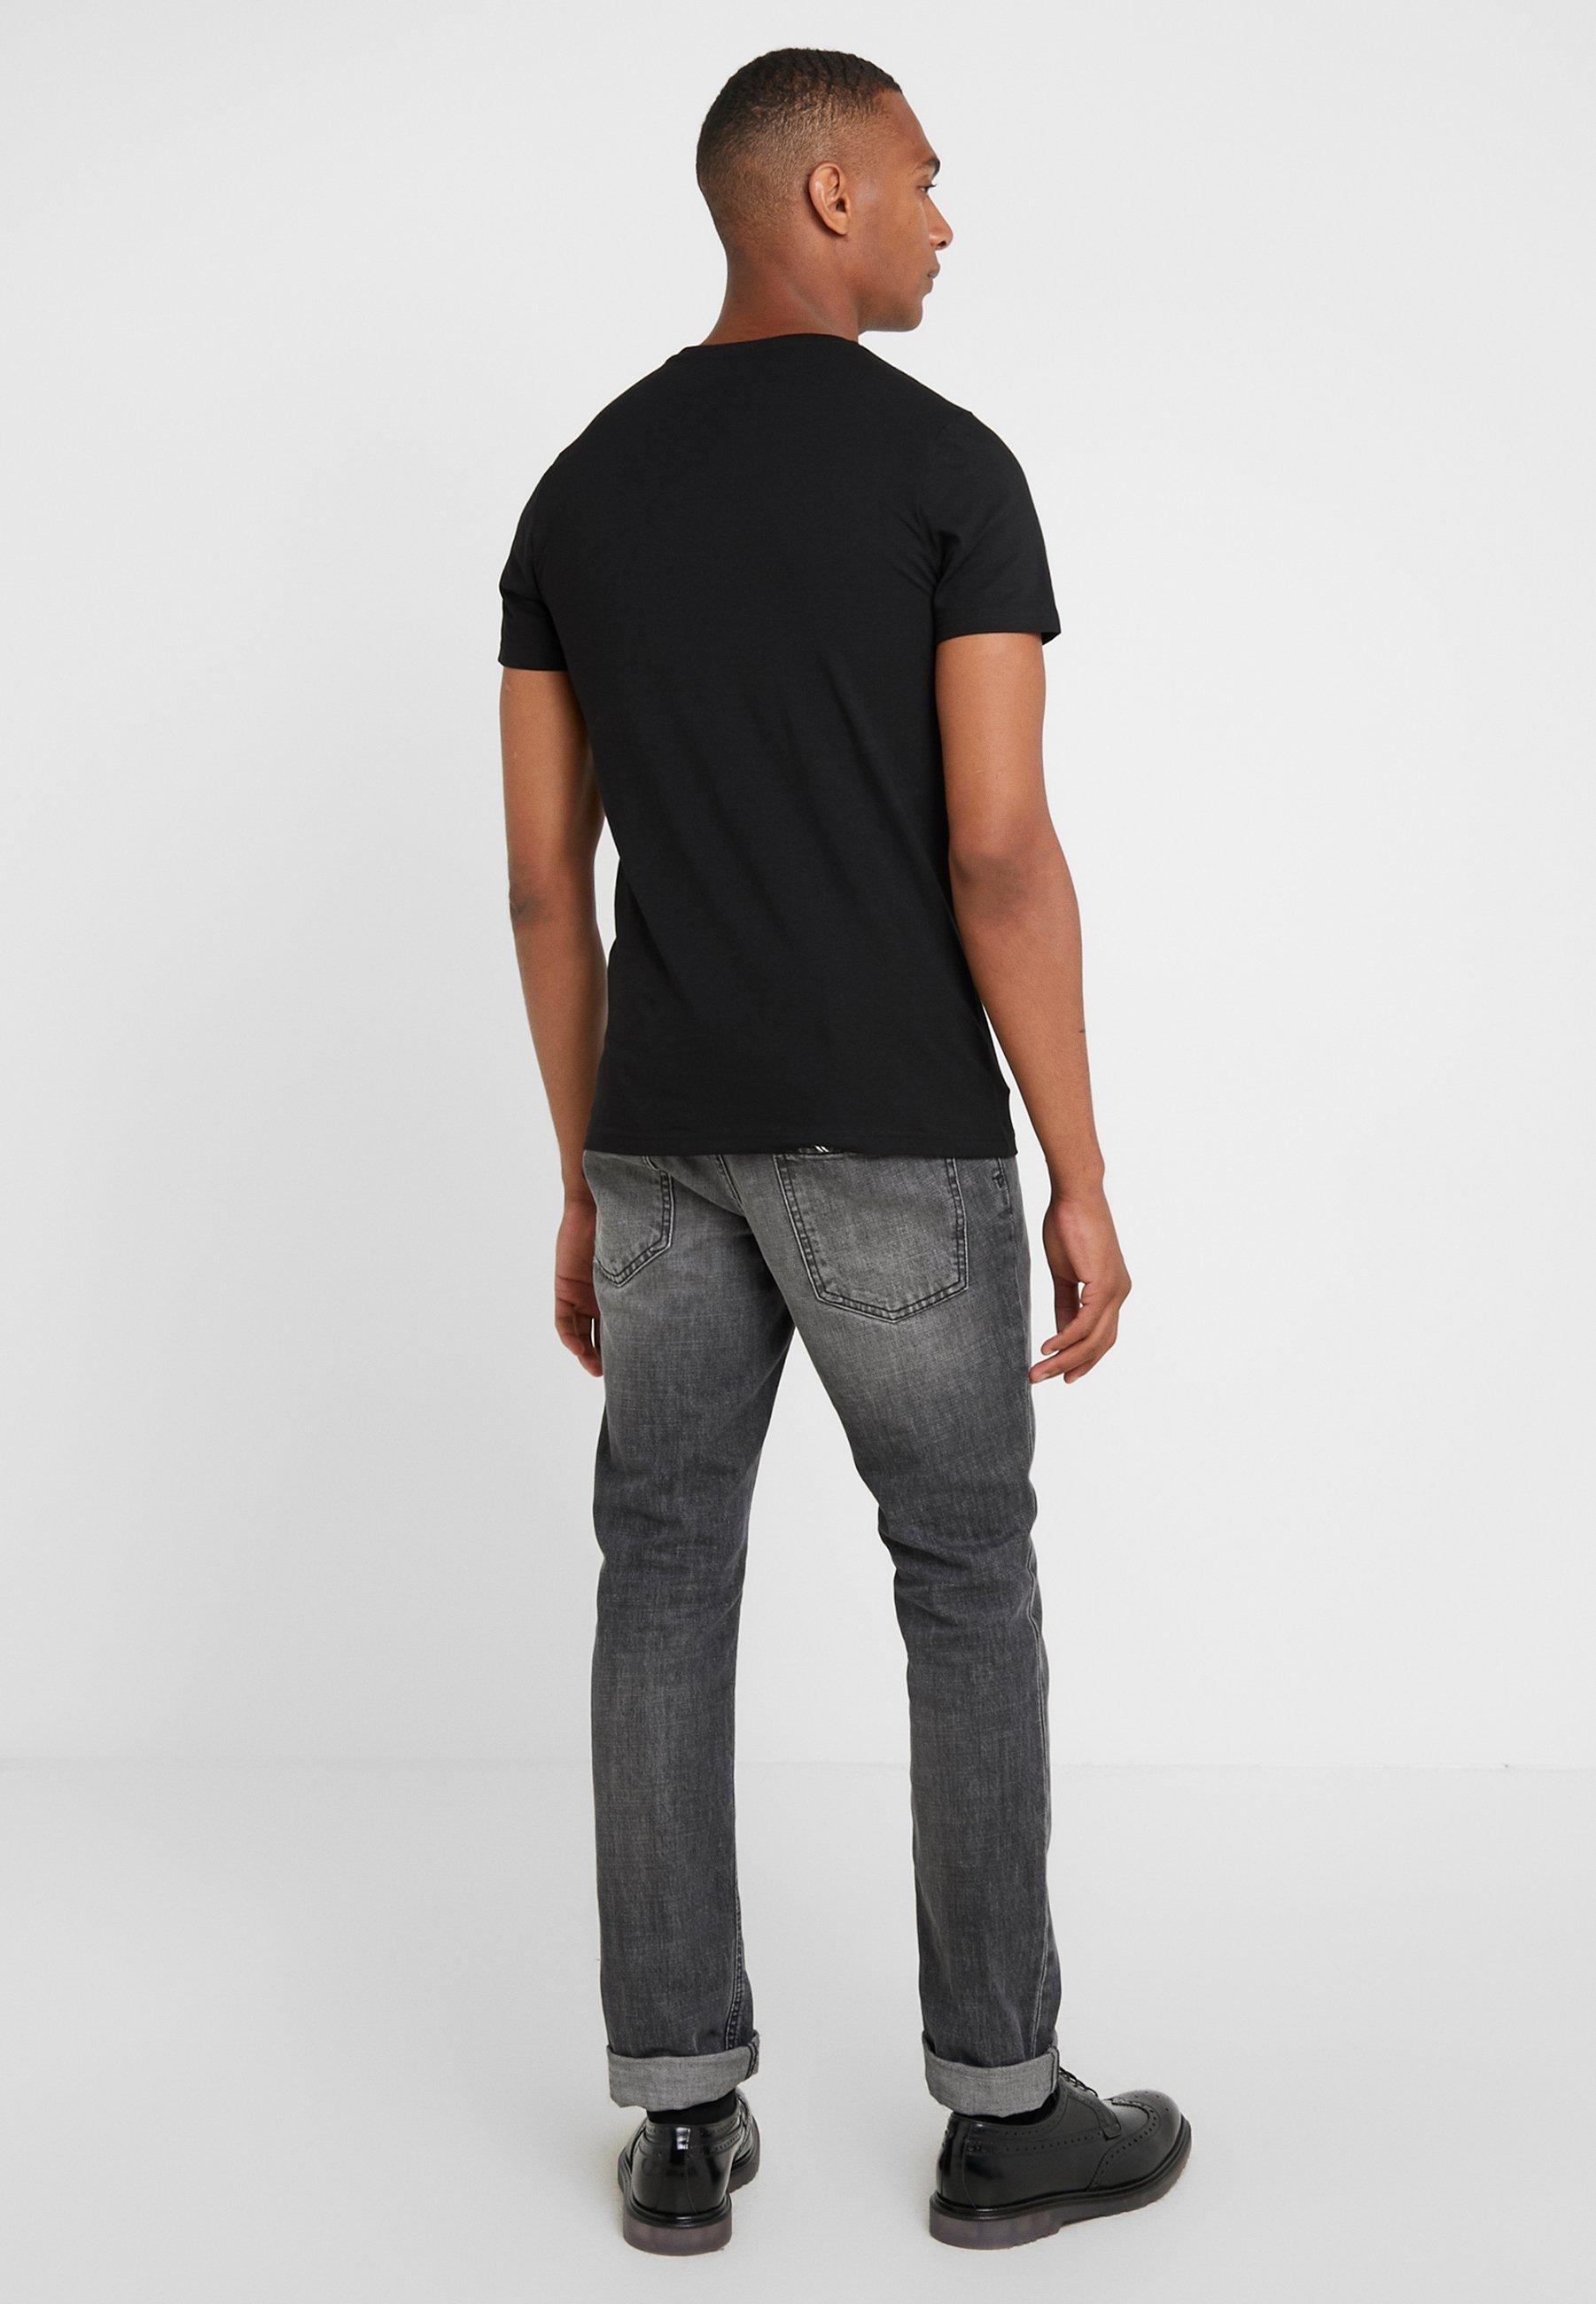 Black Basique Joop2 PackT shirt TXOZiuwPk